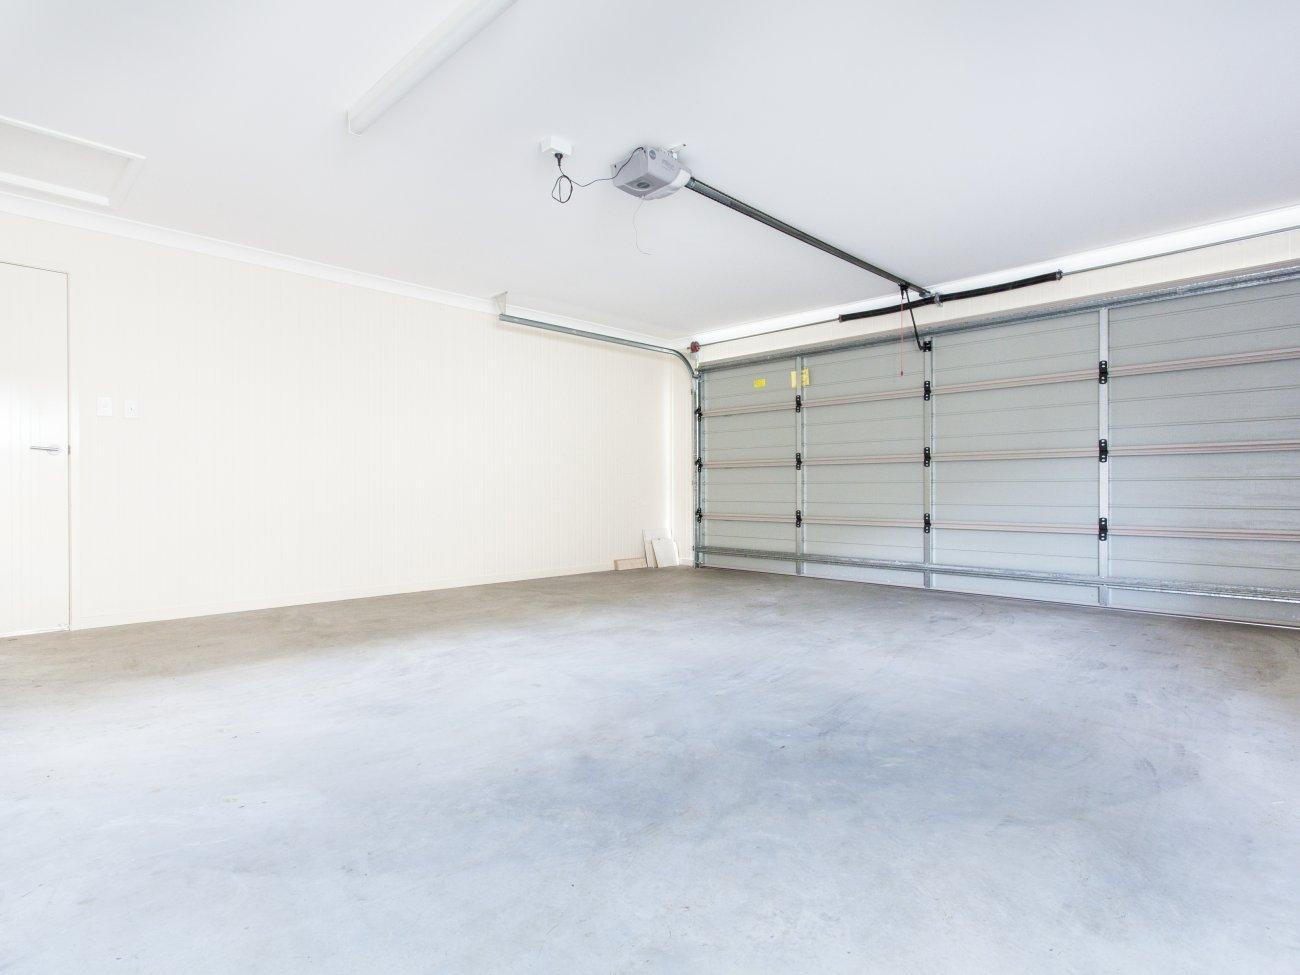 Budowa garażu w bryle domu